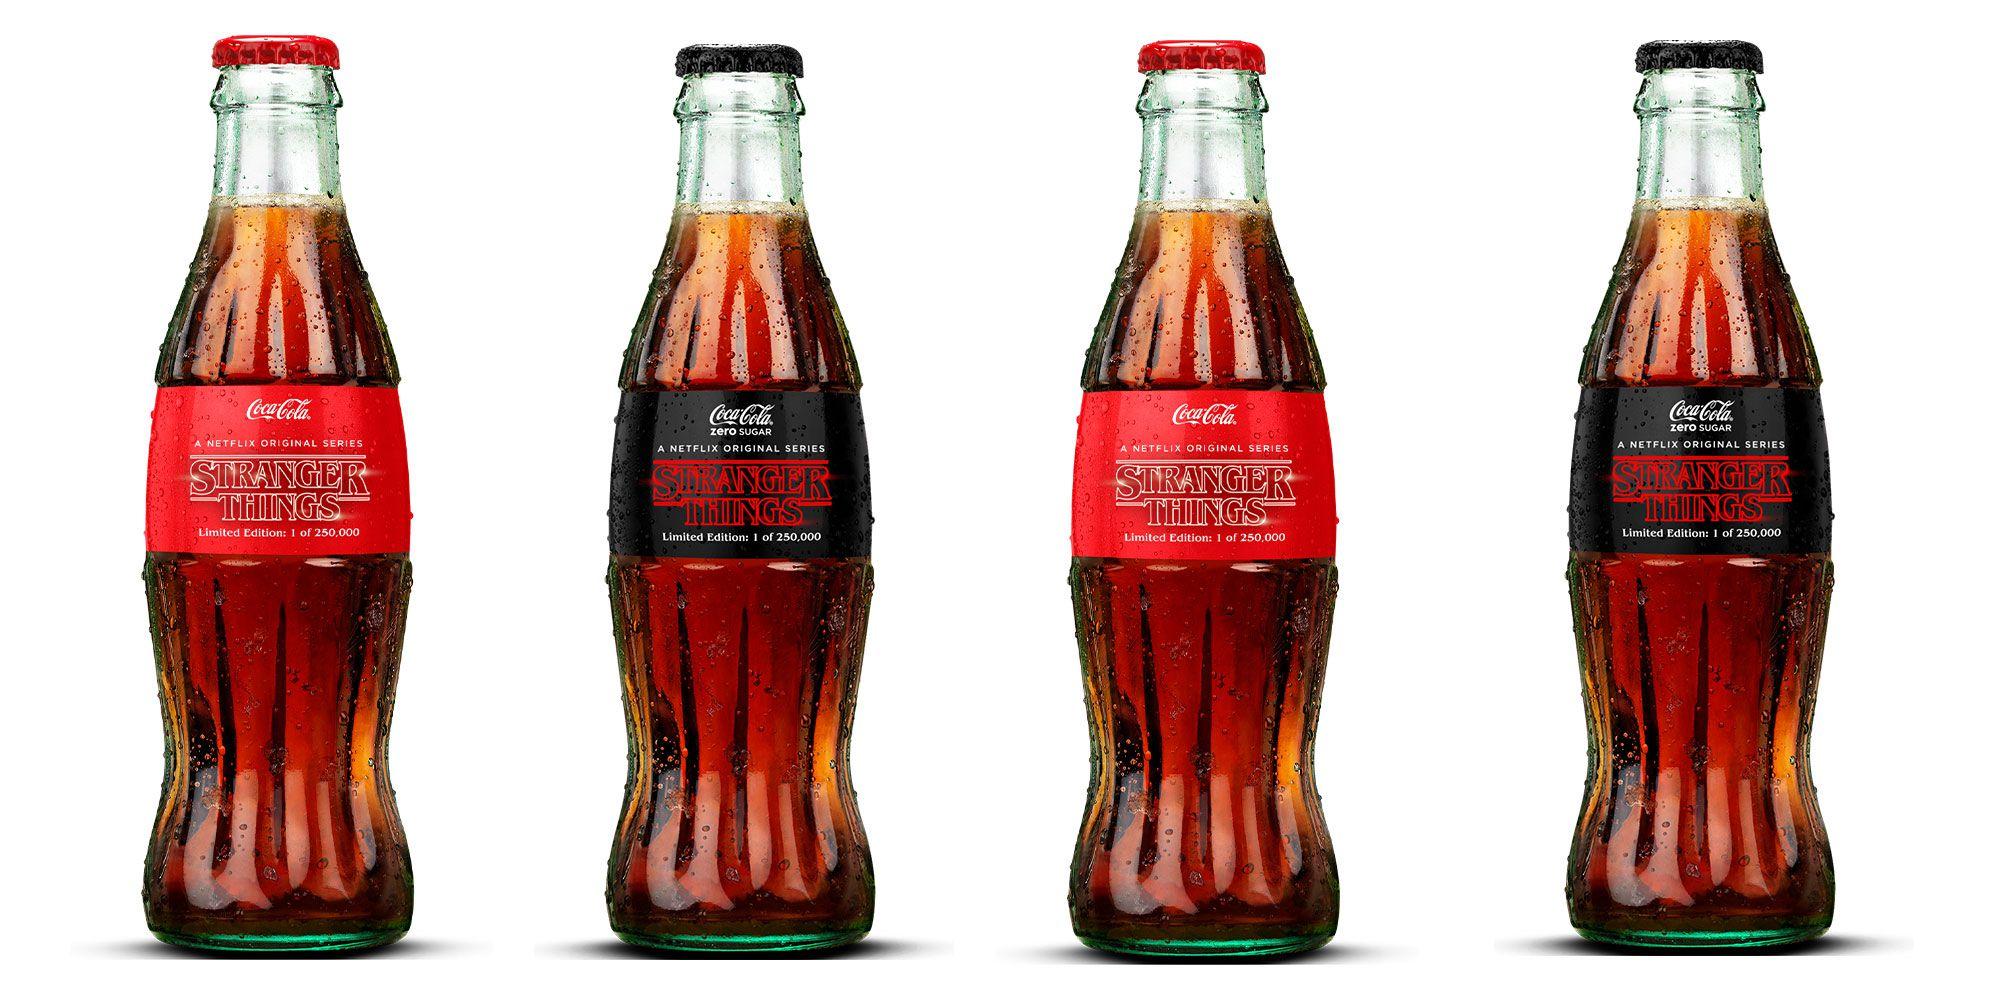 coke-bottles-1558454596.jpg